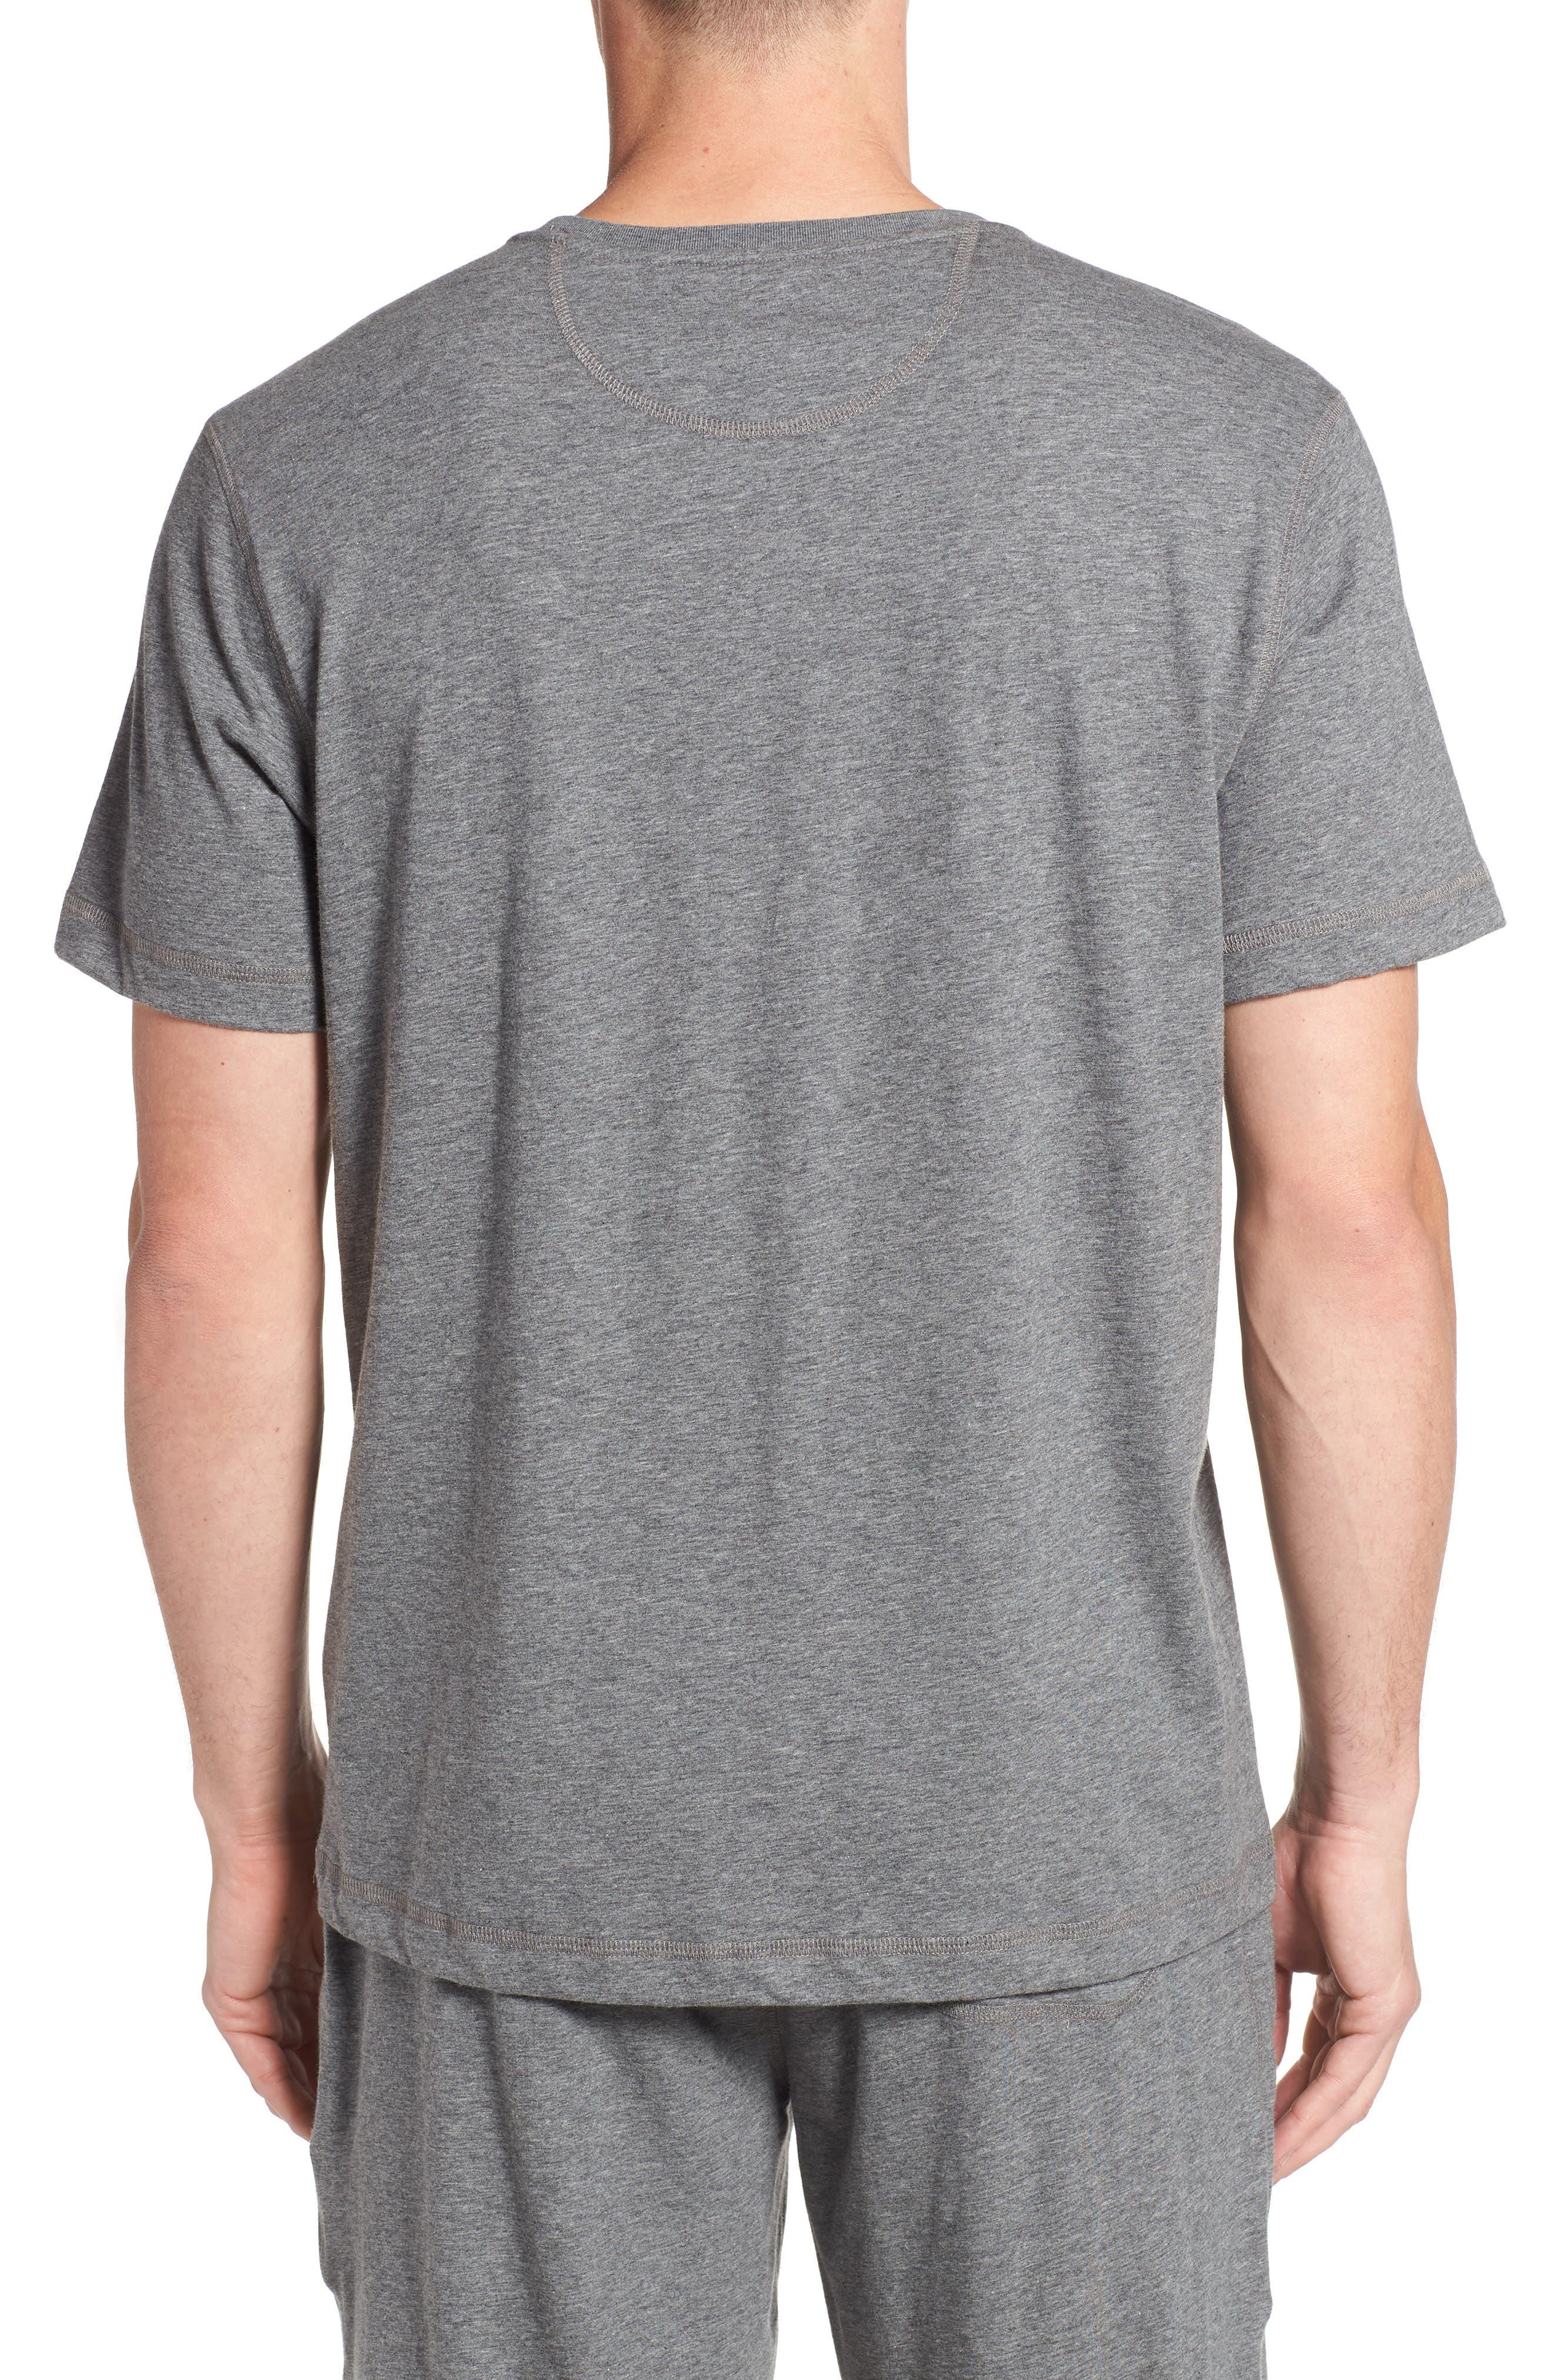 Peruvian Pima Cotton T-Shirt,                             Alternate thumbnail 2, color,                             031